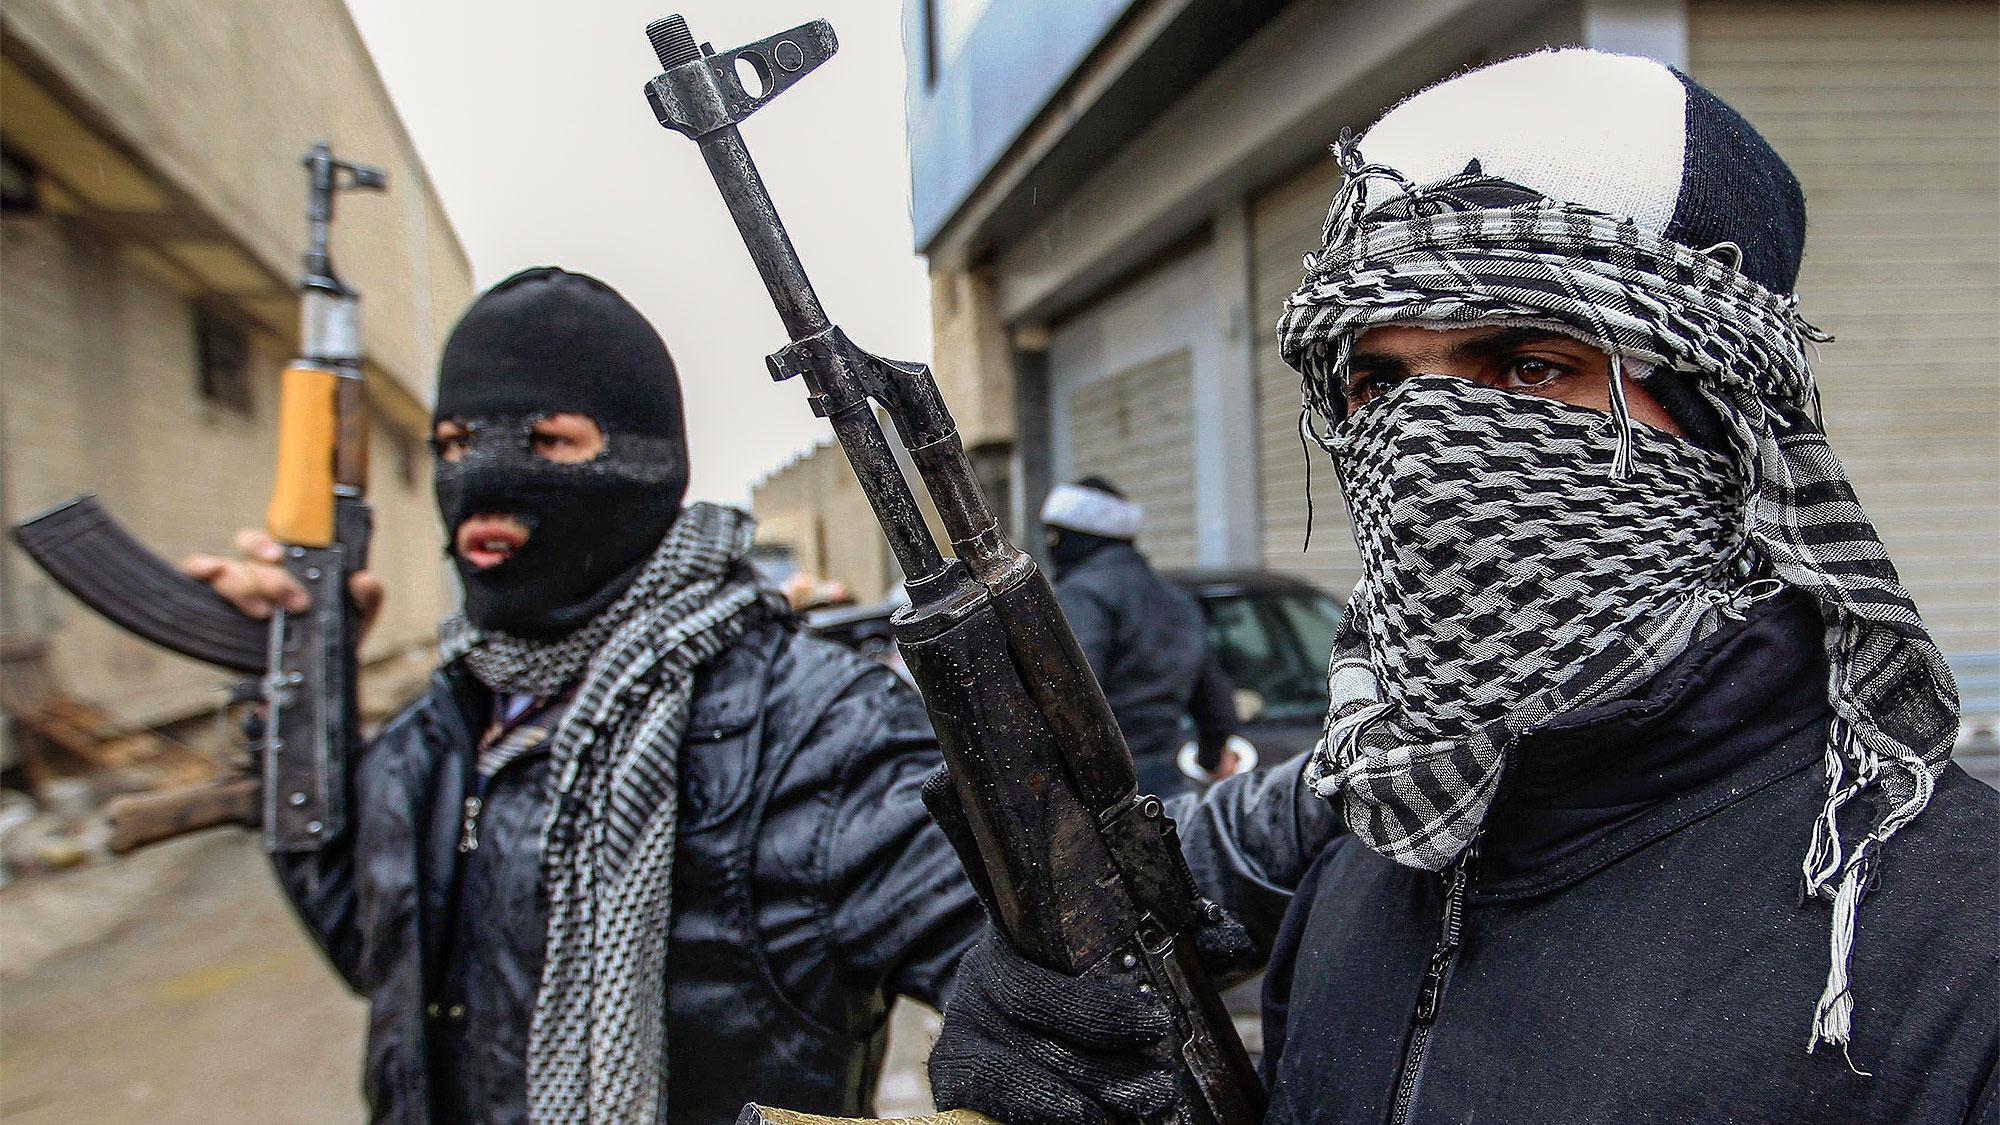 Сами не могут, террористы помогут. В зону Карабахского конфликта перебросили сирийских боевиков?